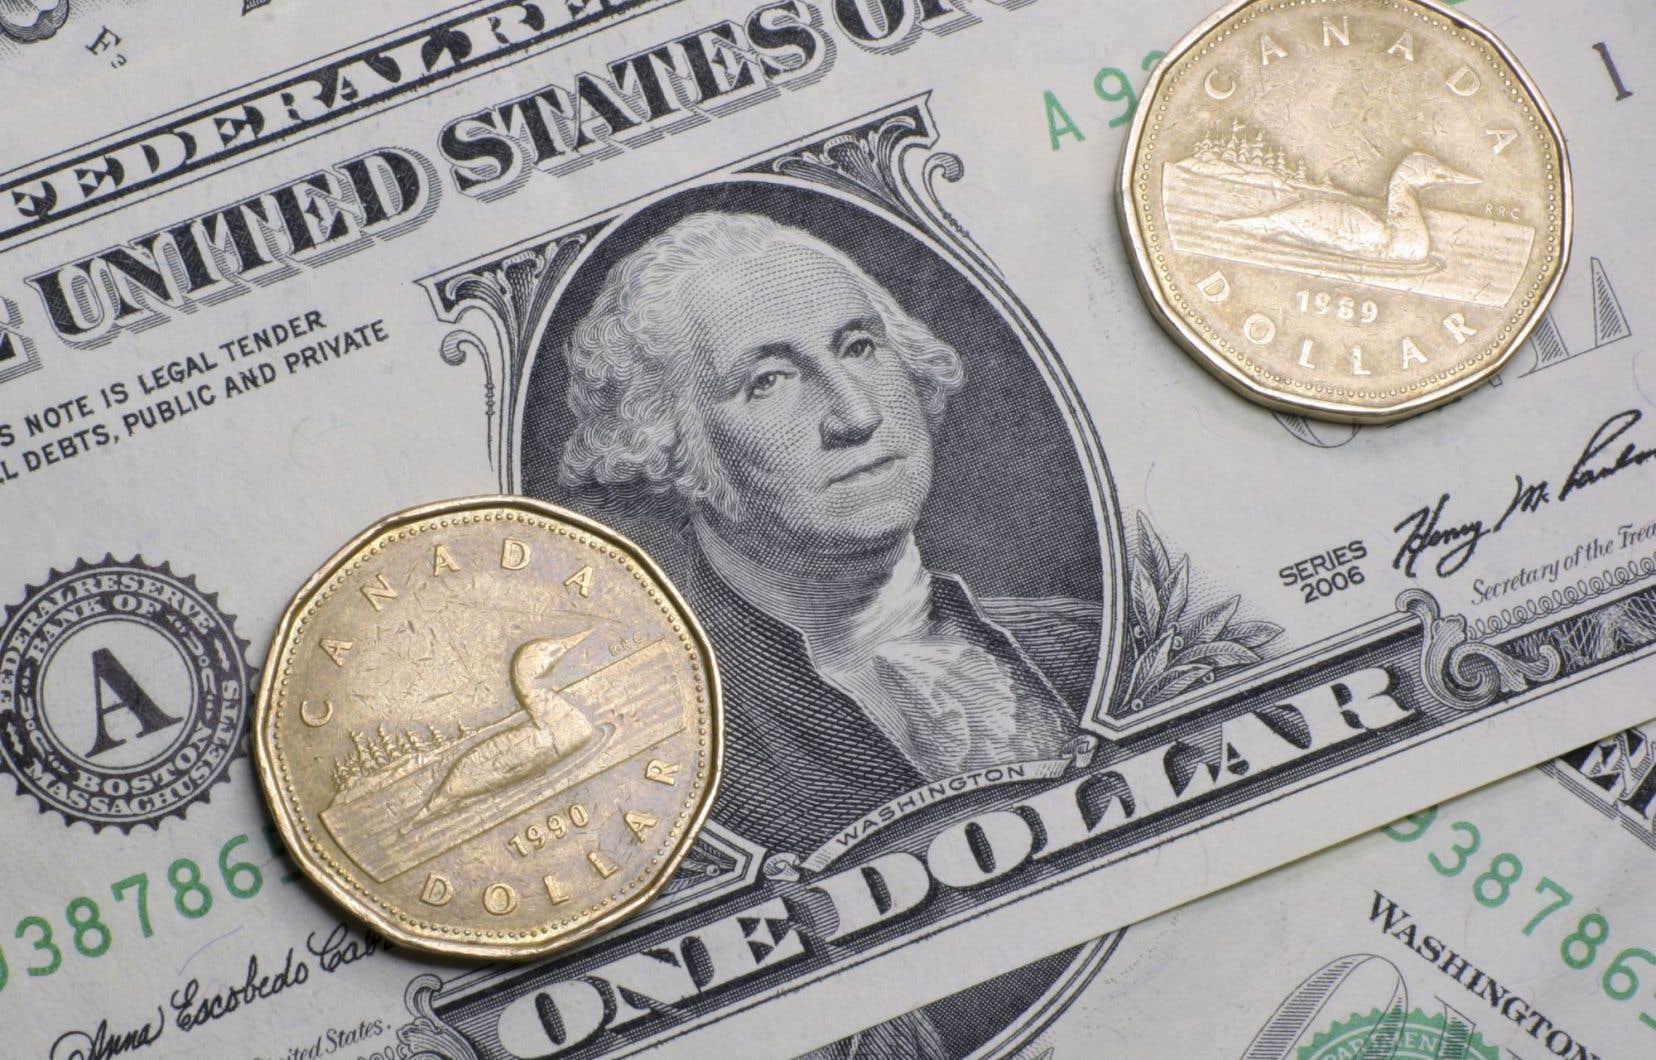 Parti de 85 cents US en décembre 2014, le dollar tourne autour de 72 cents US à la fin de 2015.